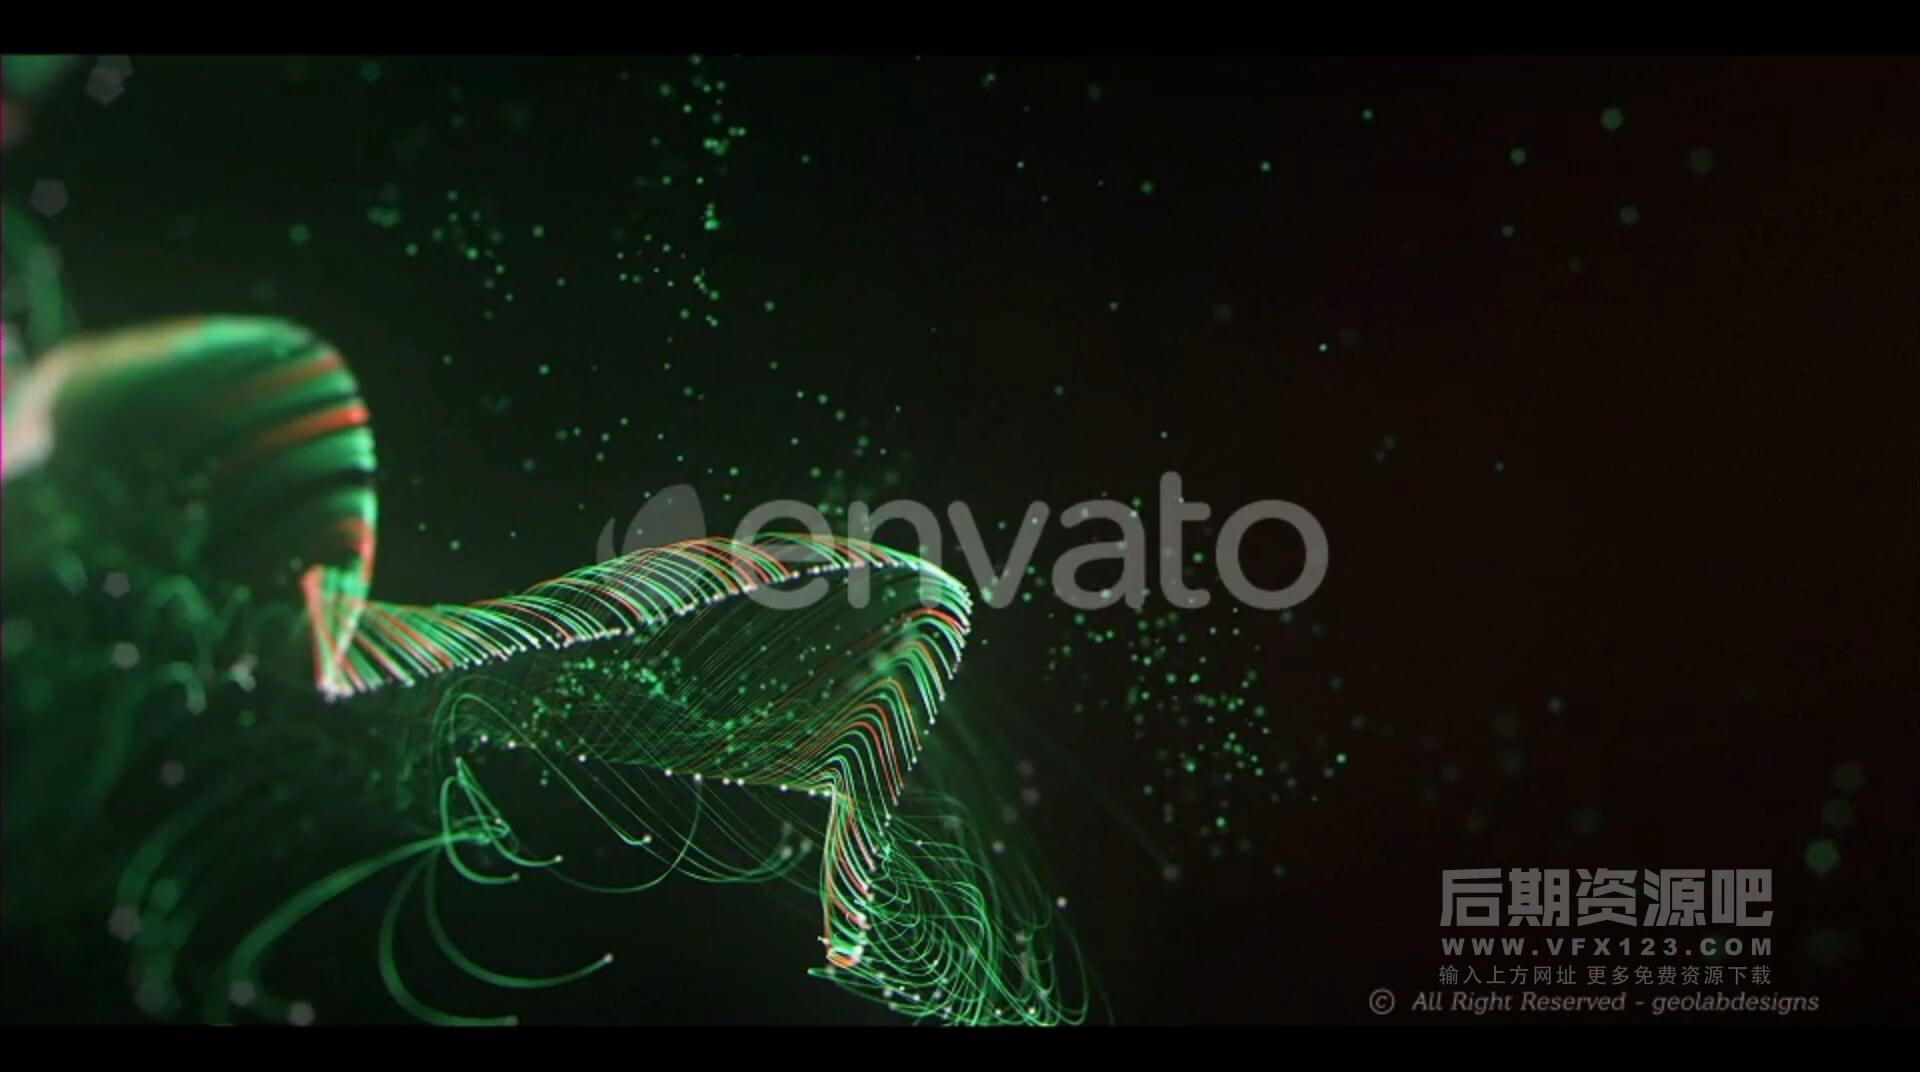 视频素材 10个抽象优雅流动粒子空间感LED大屏幕背景素材